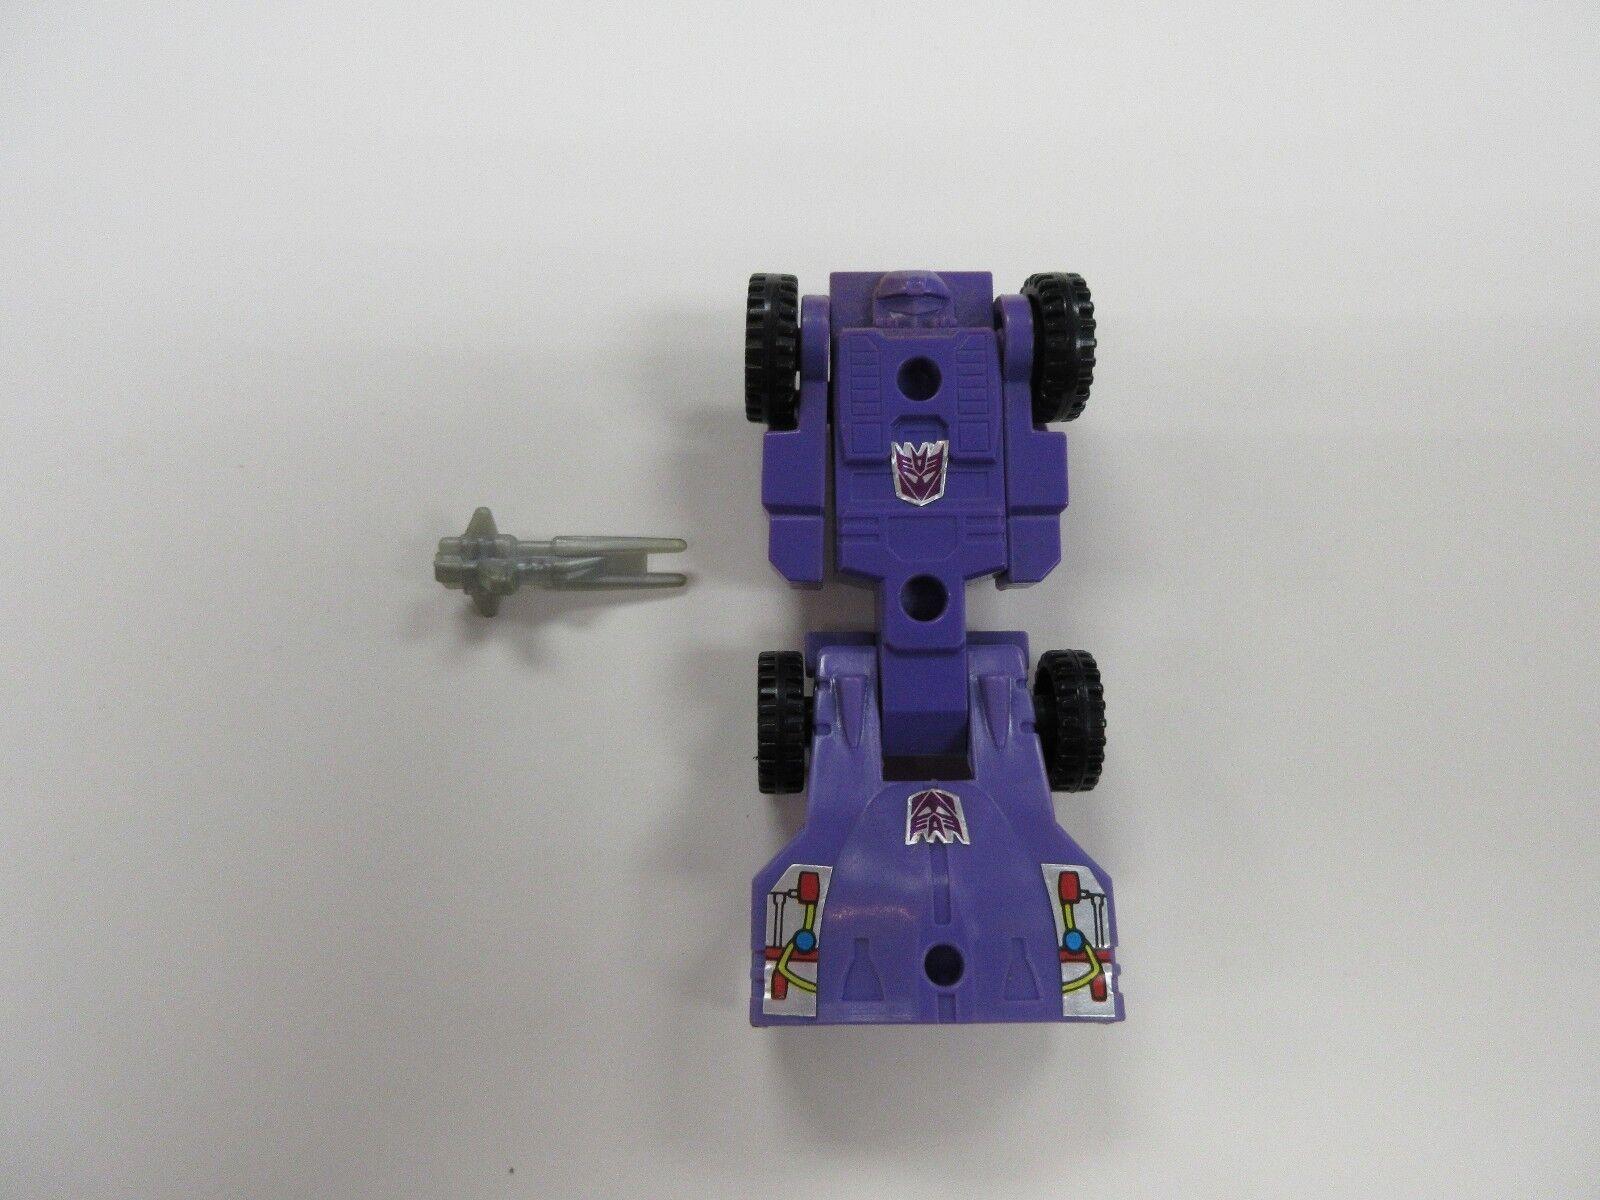 1986 G1 Transformers Trypticon Full Tilt Voiture  Robot & Gun Part Set to Complete  haute qualité générale